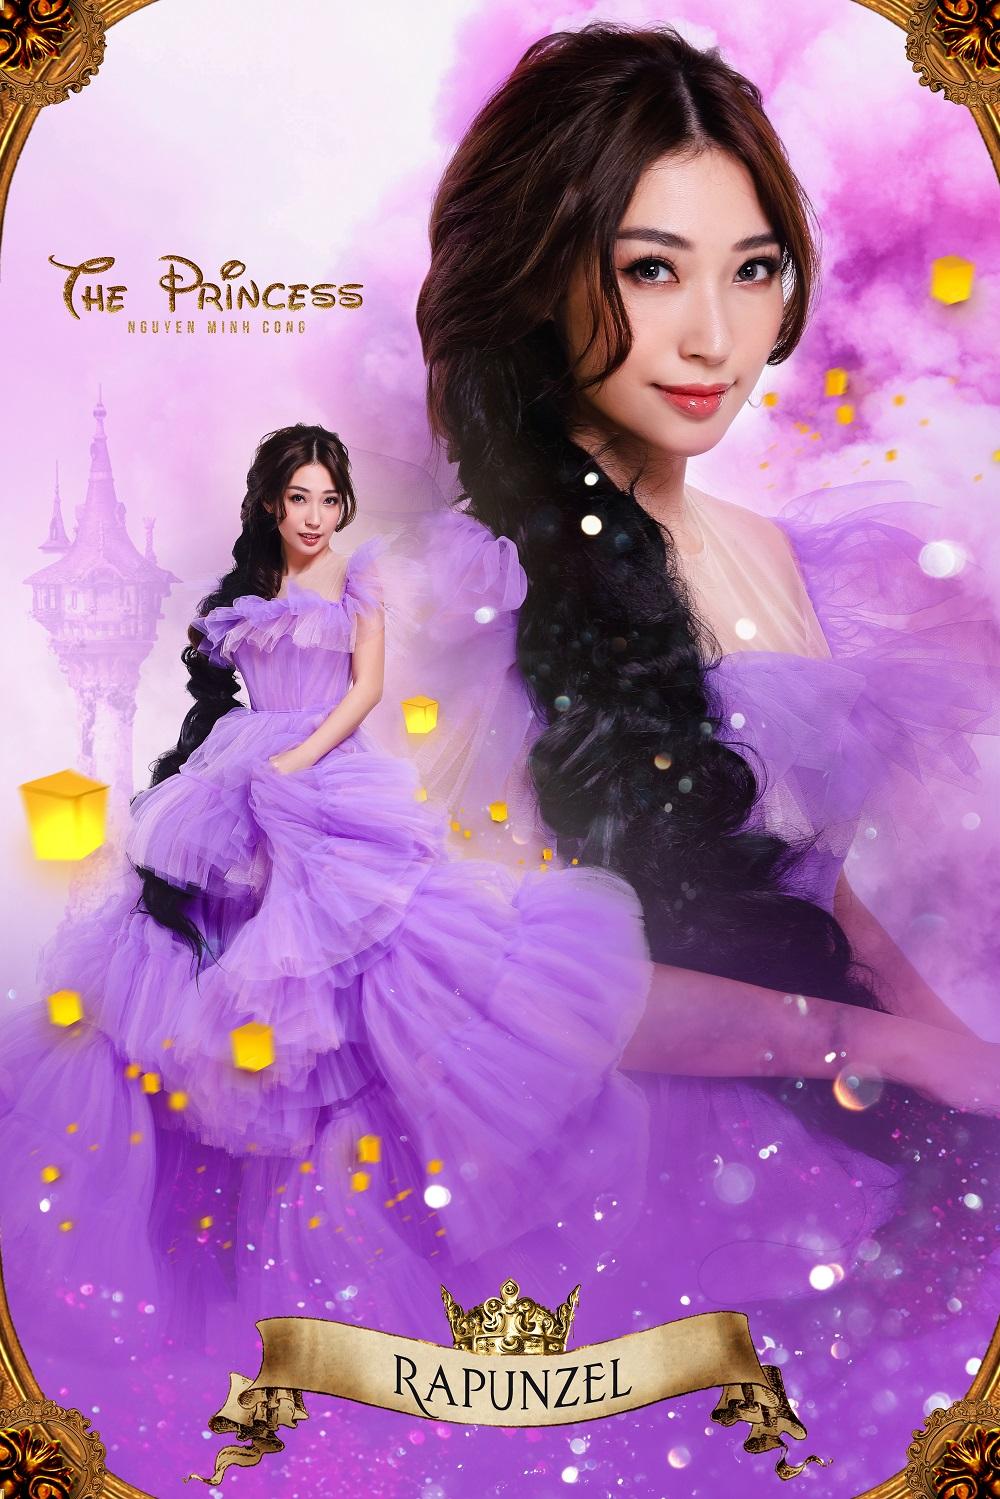 The Princess – Vũ trụ cổ tích của Nguyễn Minh Công hé lộ poster và trailer chính thức